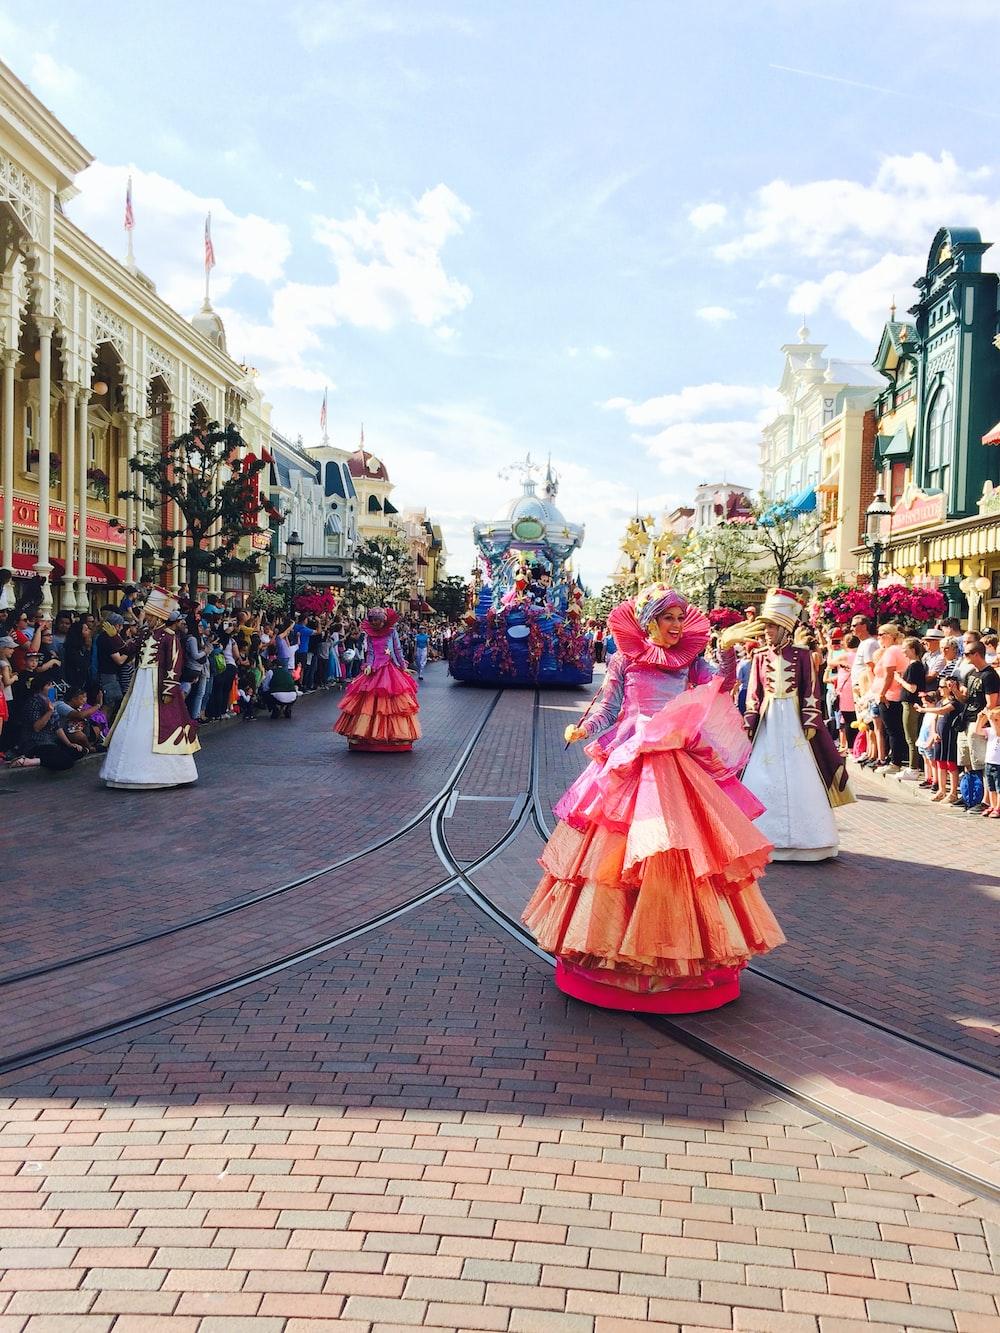 woman in pink dress walking on street during daytime